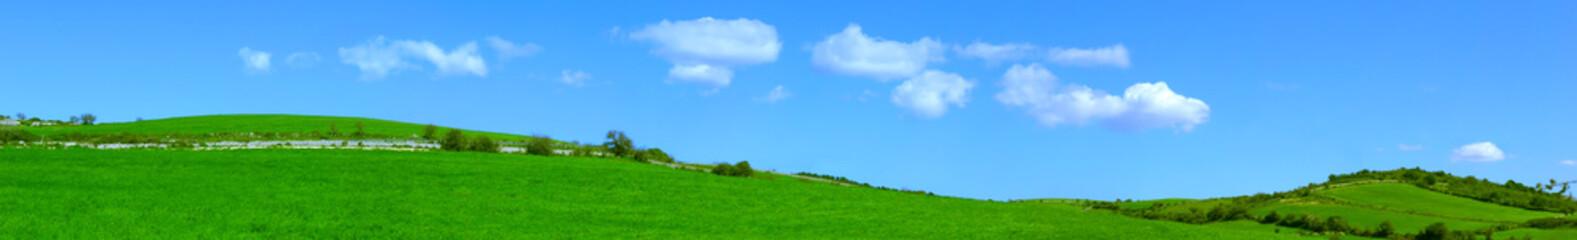 Template con colline verdi e con delle belle nuvolette nel cielo azzurro